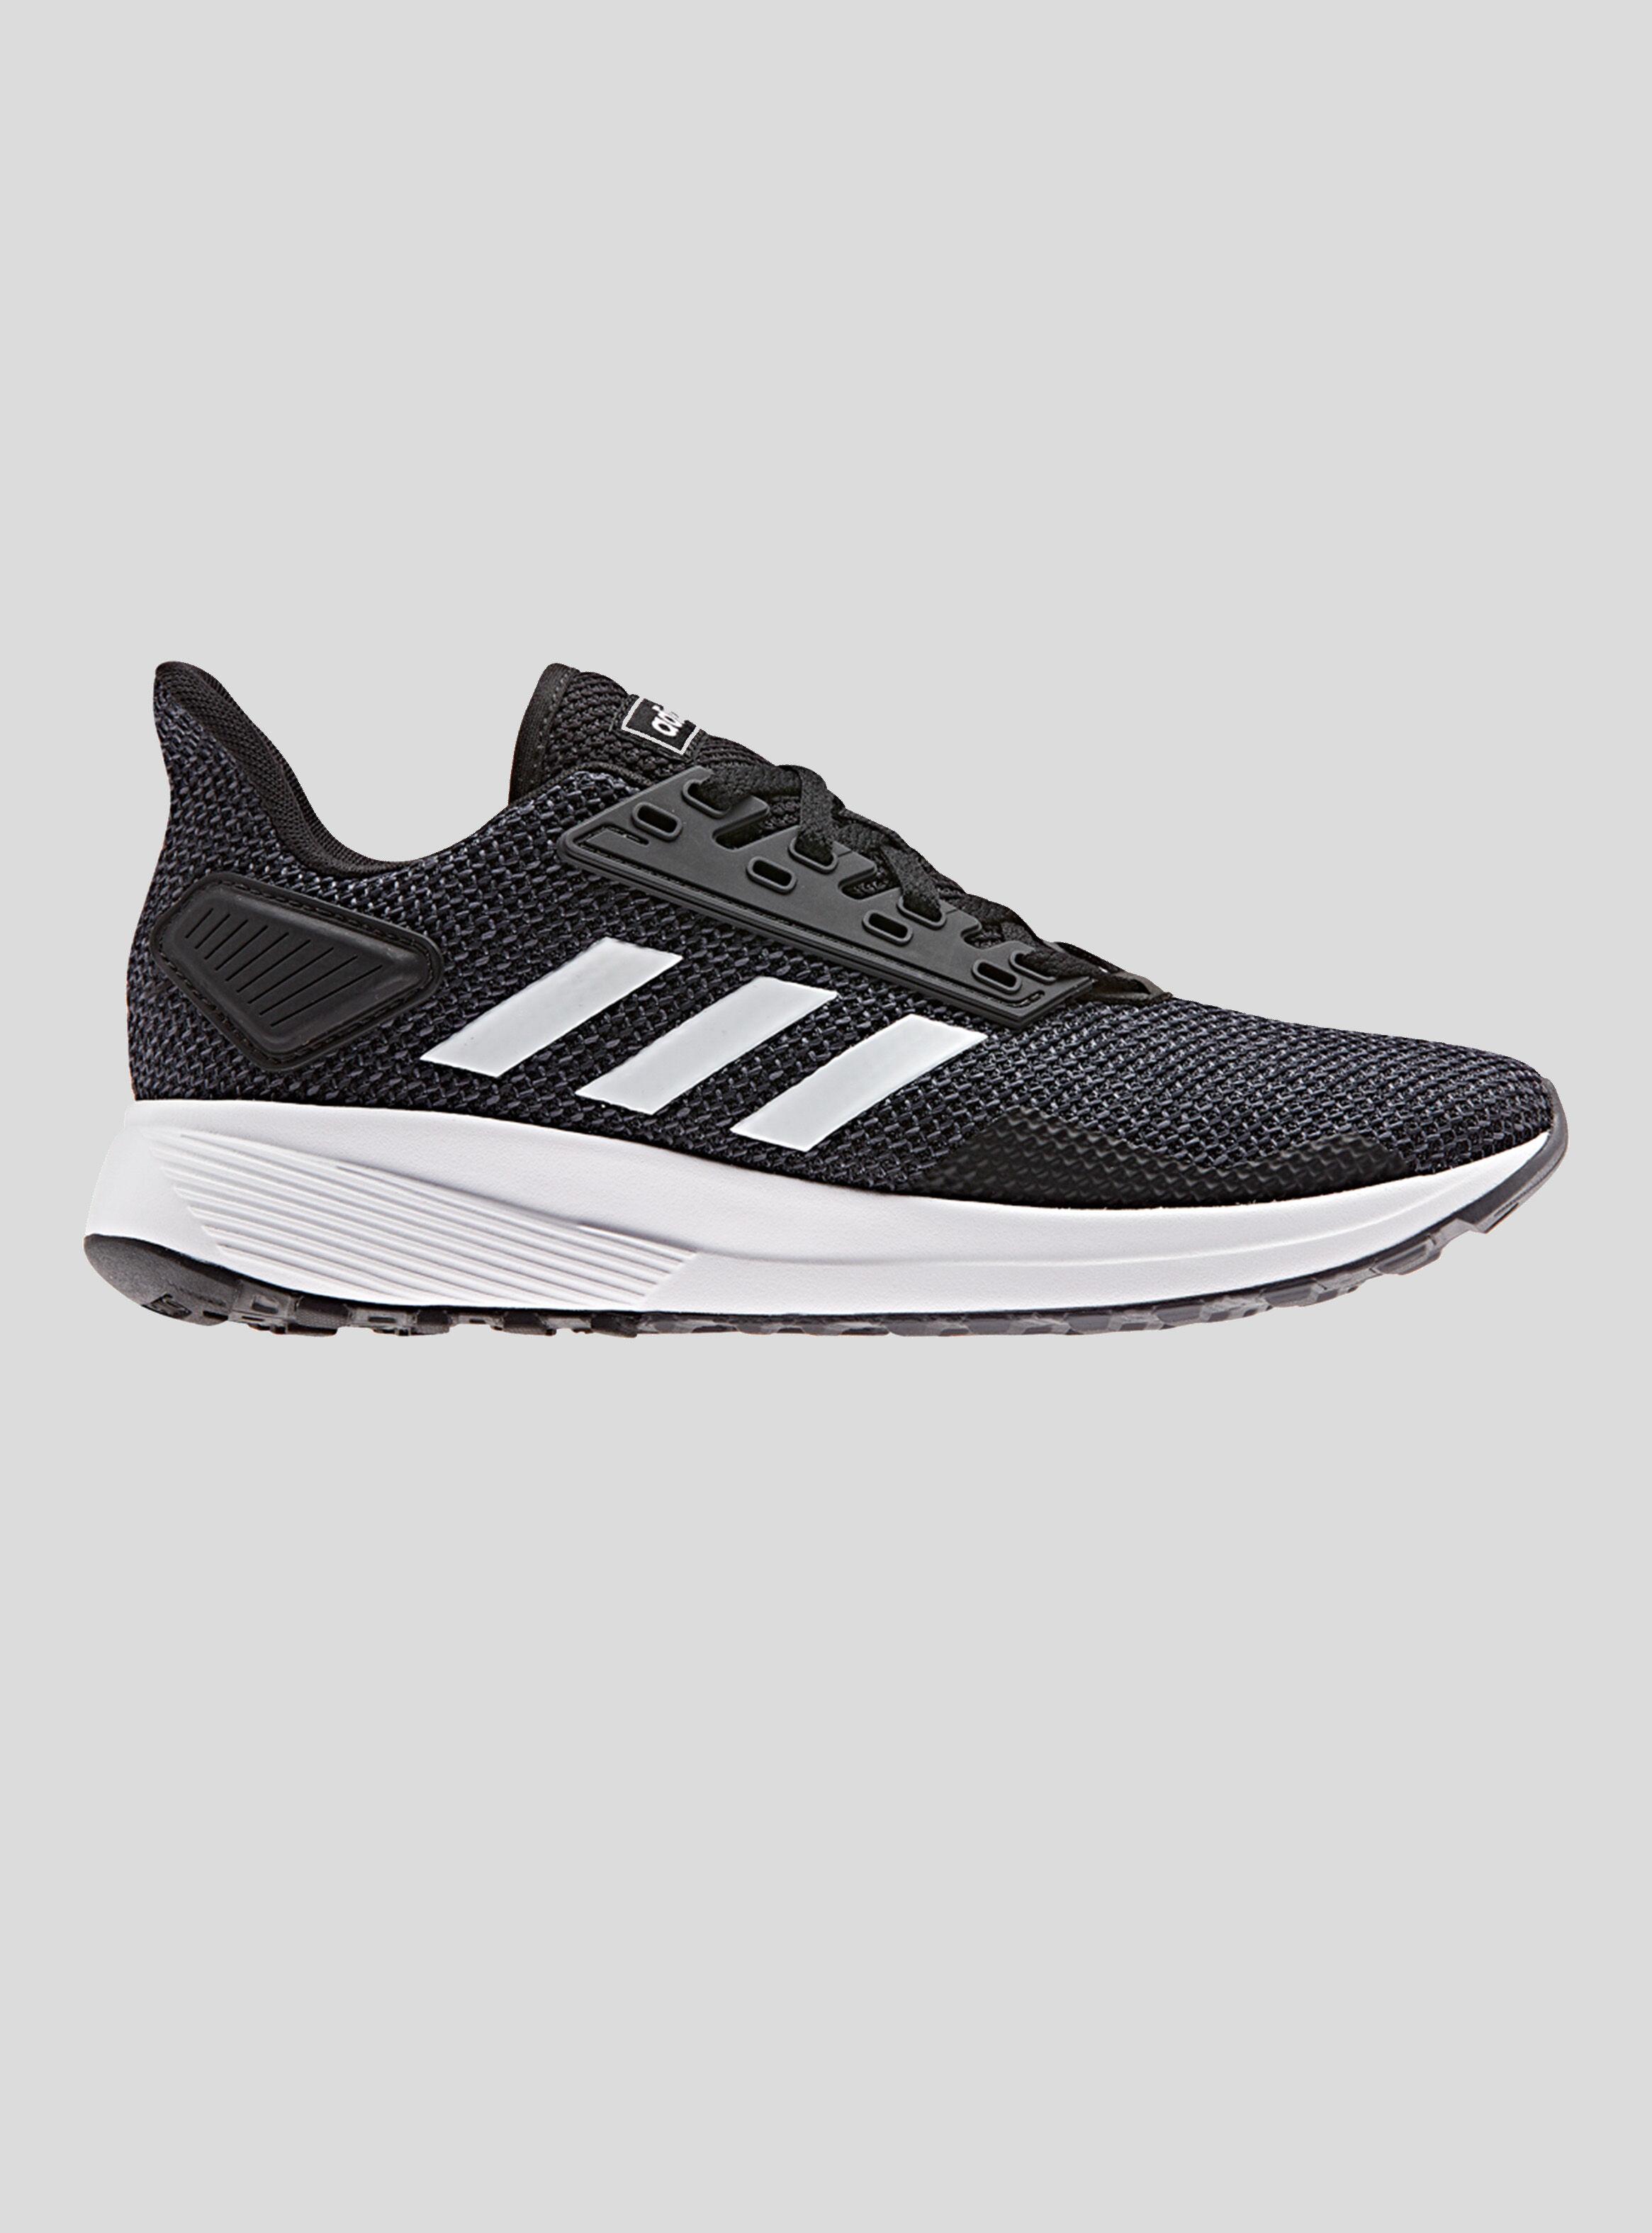 Zapatilla Adidas Duramo 9 Running Negra Mujer